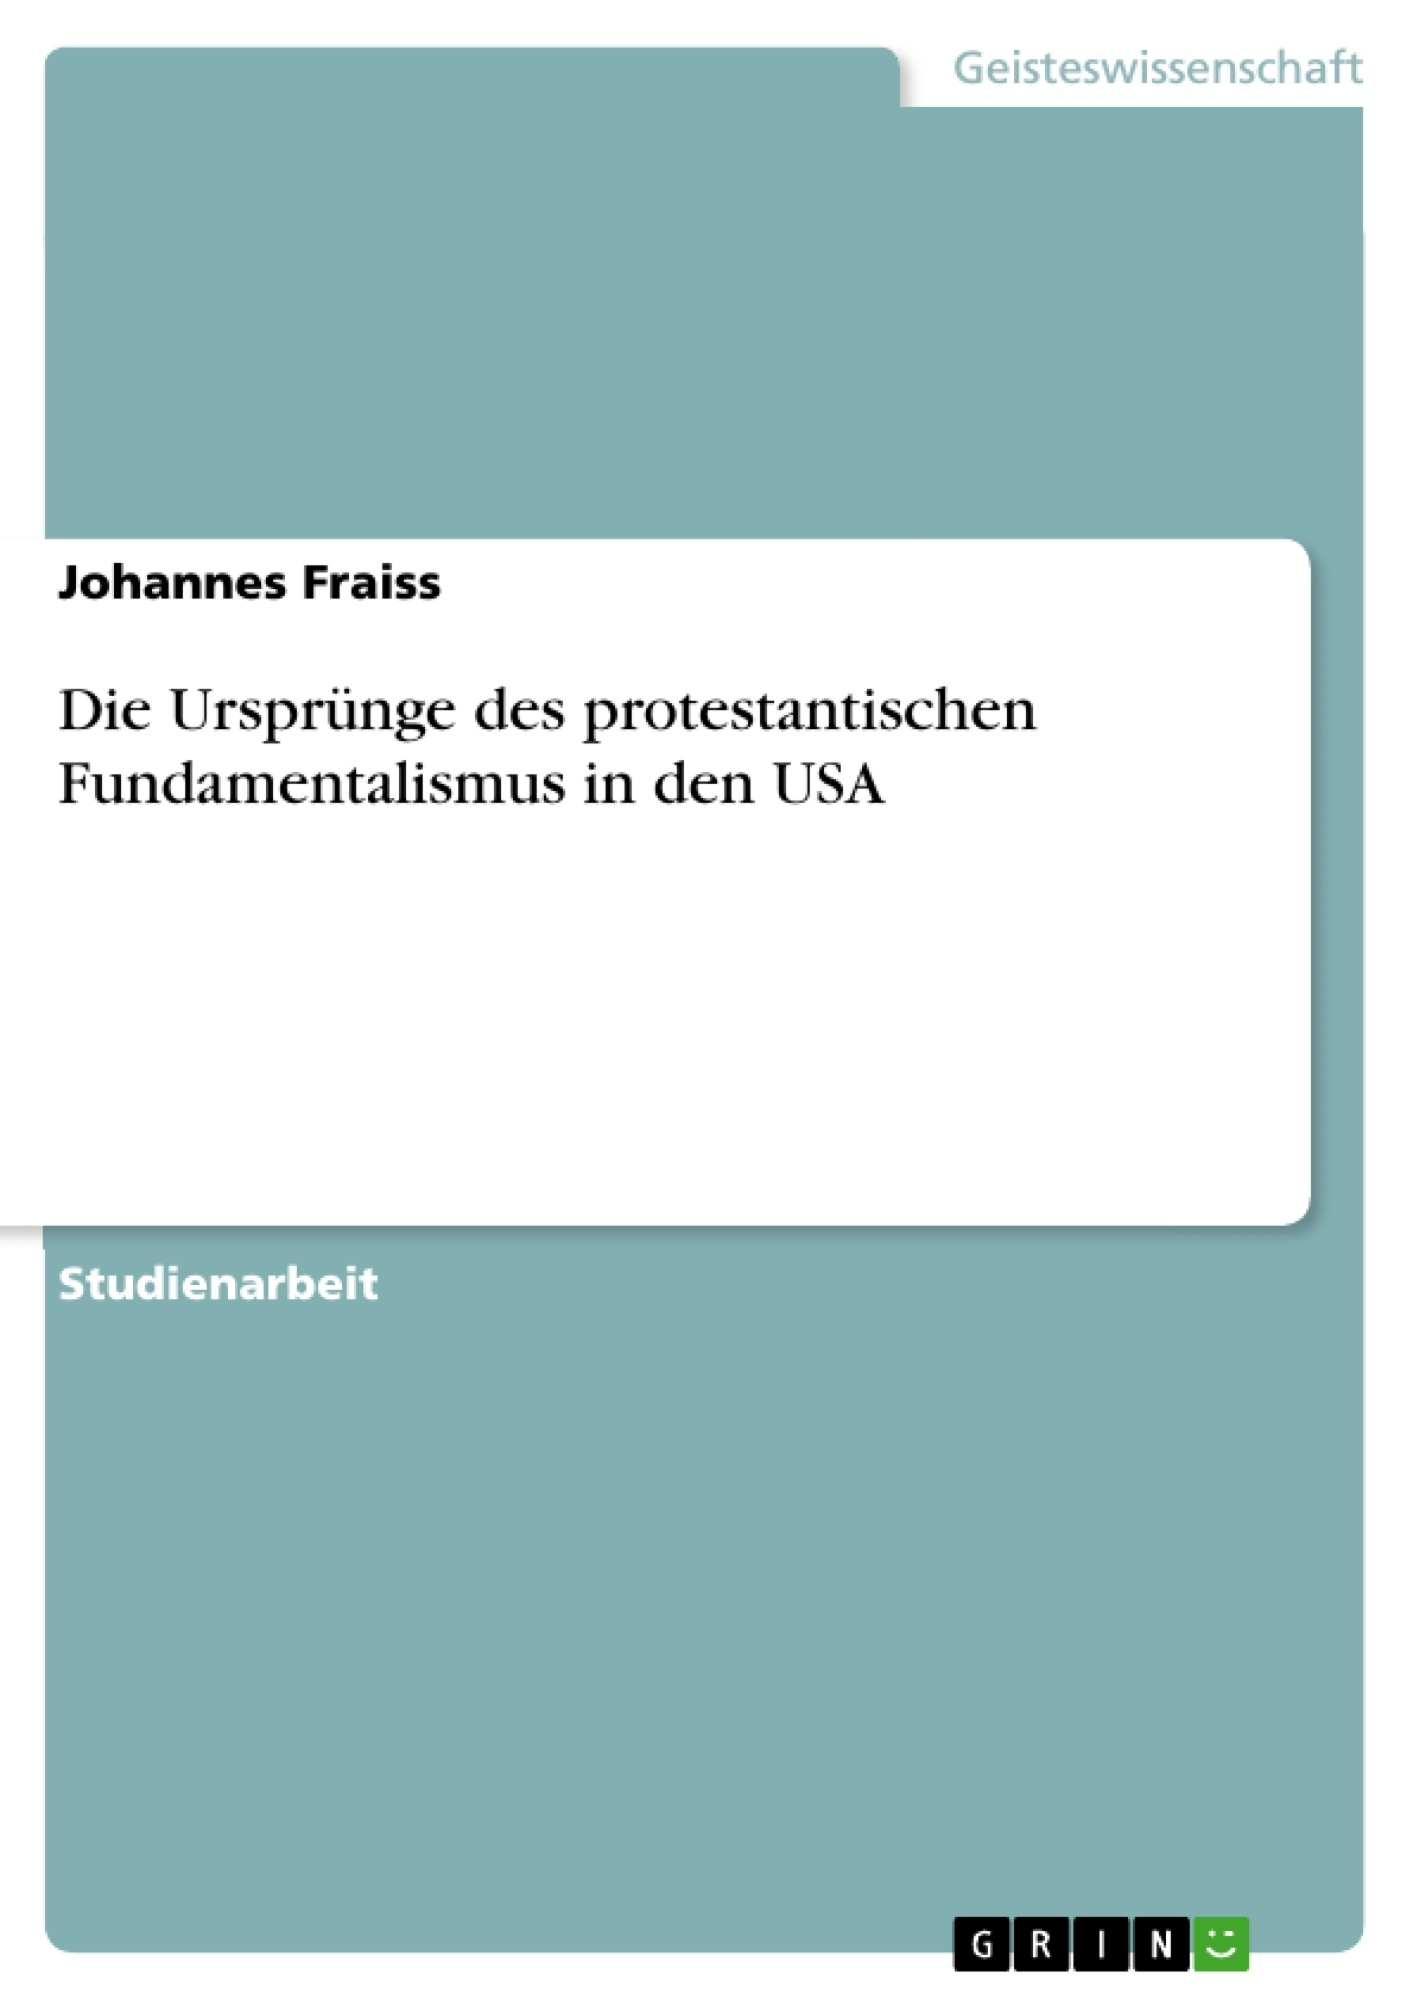 Titel: Die Ursprünge des protestantischen Fundamentalismus in den USA